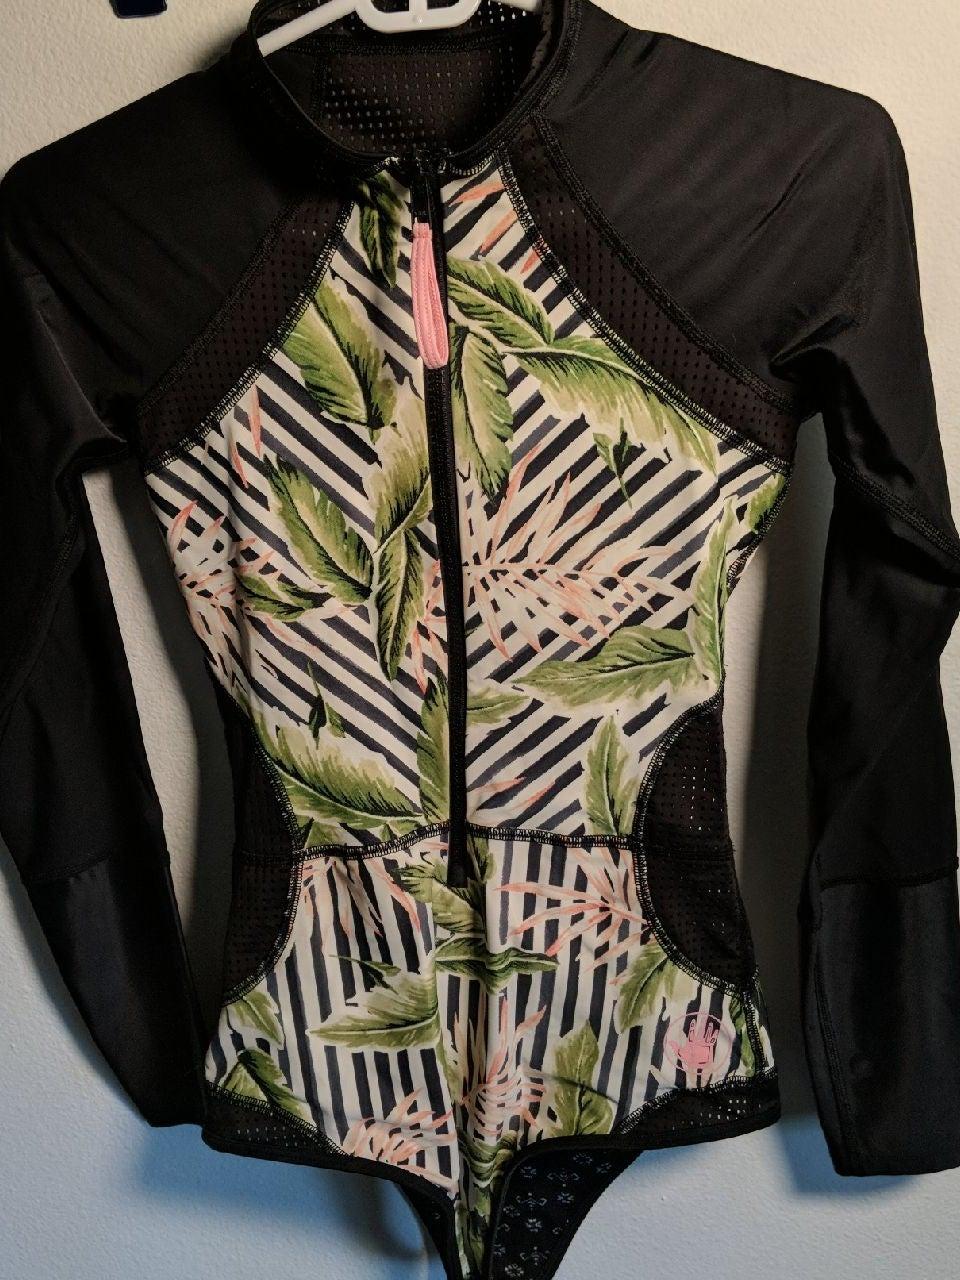 Bodyglove one piece women swimsuit